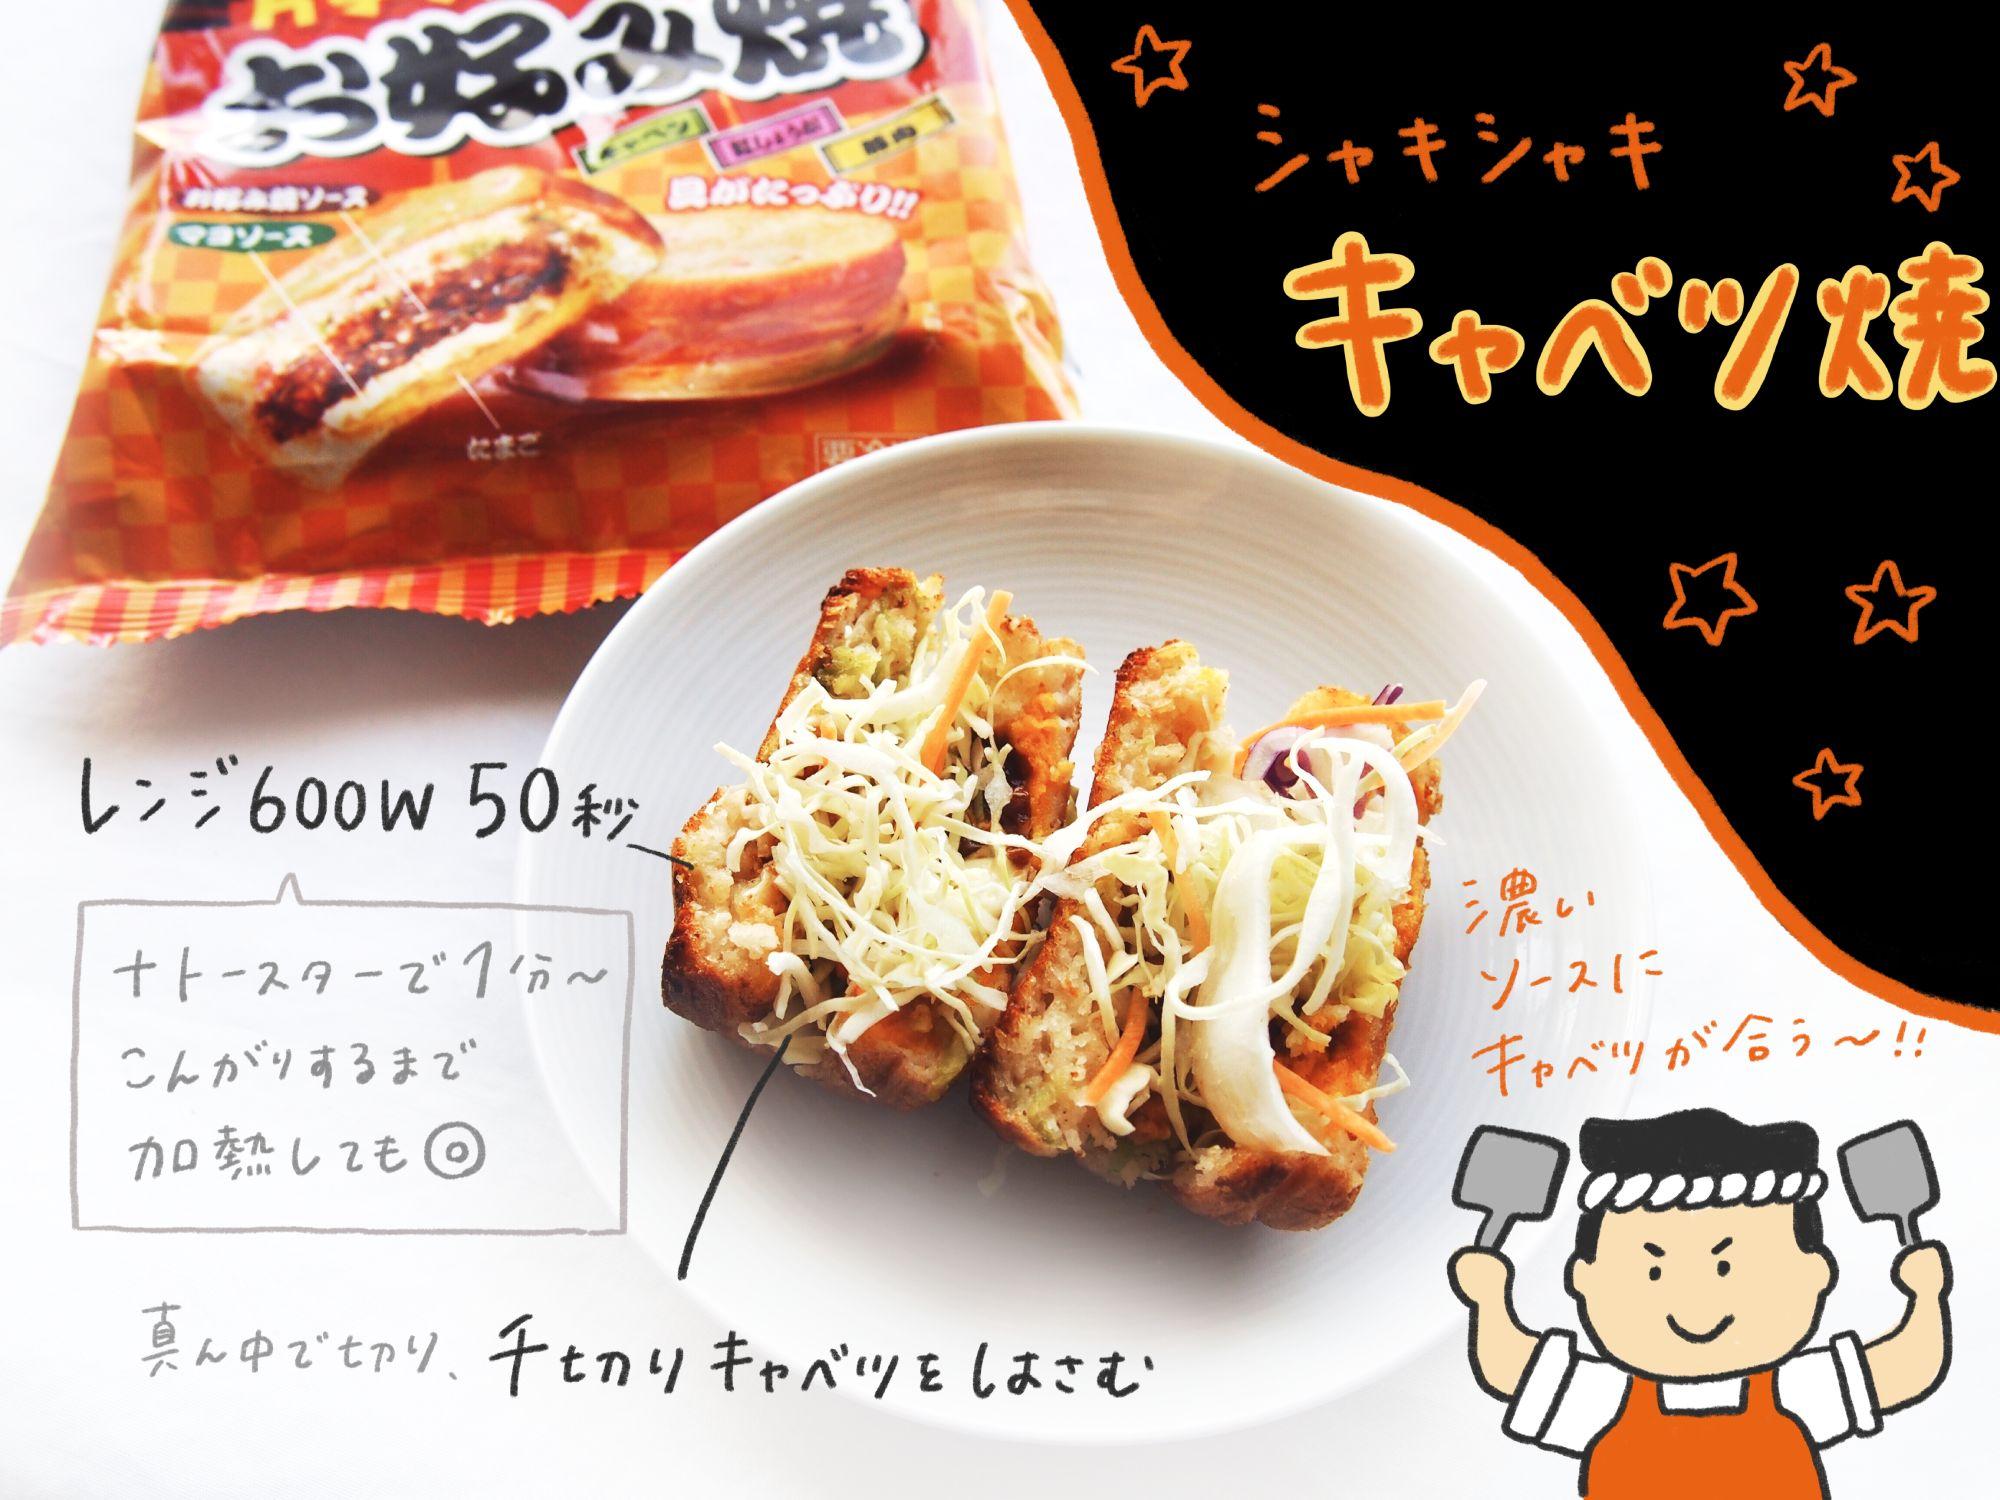 シャキシャキキャベツ焼アレンジレシピ